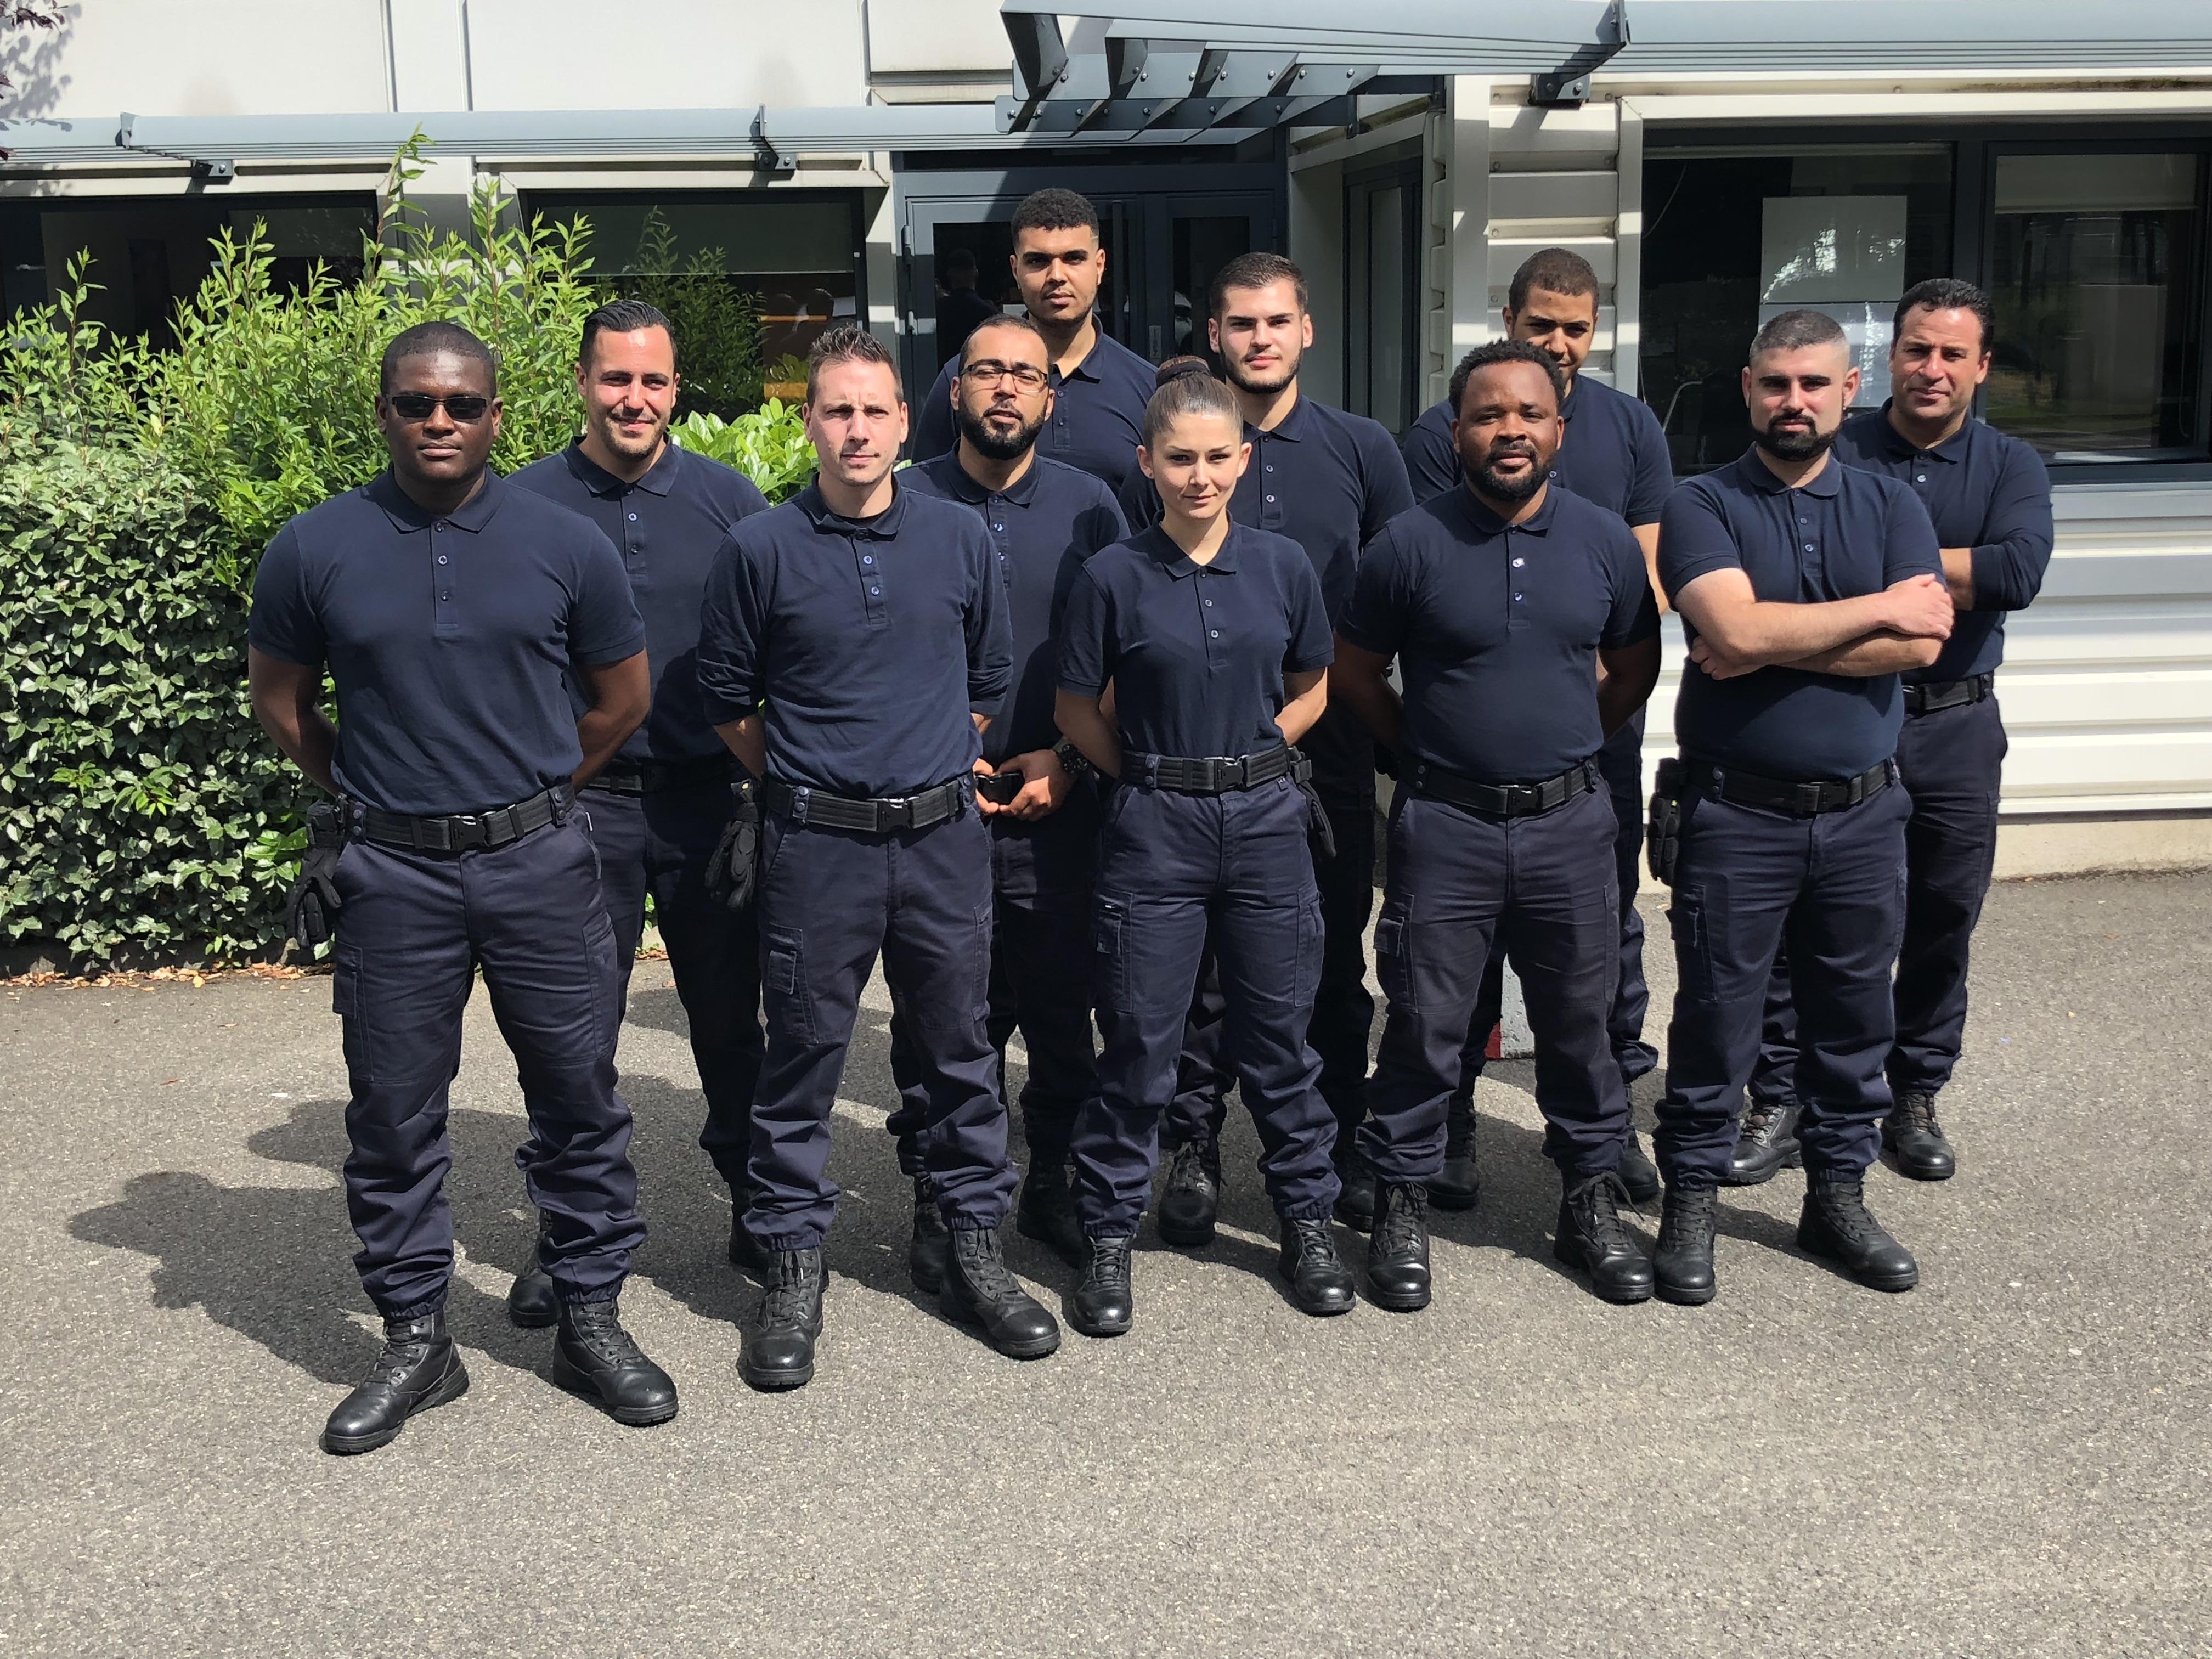 La sûreté des transports : une priorité quotidienne pour Île-de-France Mobilités et Transdev